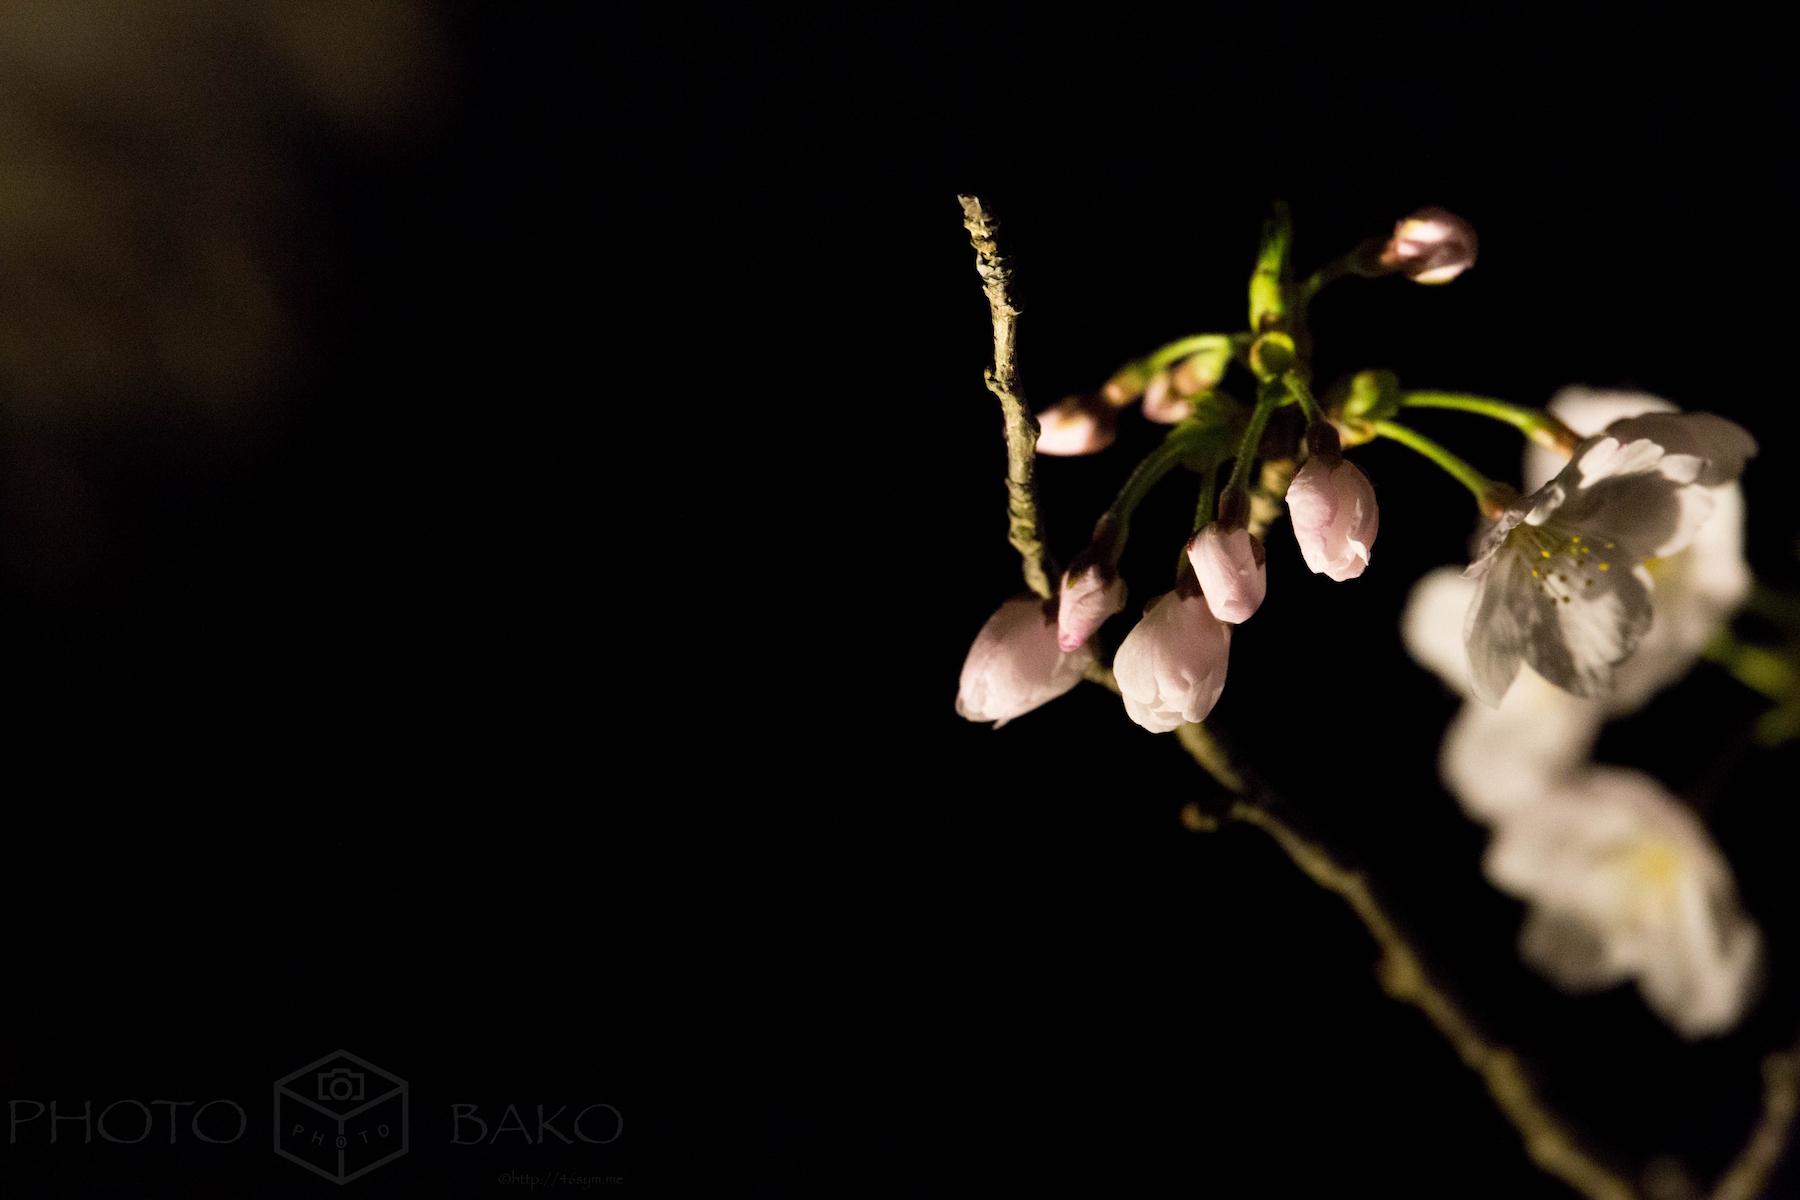 【ライトアップ夜桜】5D mark3とSIGMA 150-600mmで楽しむ「夜と桜」【作例写真多数】